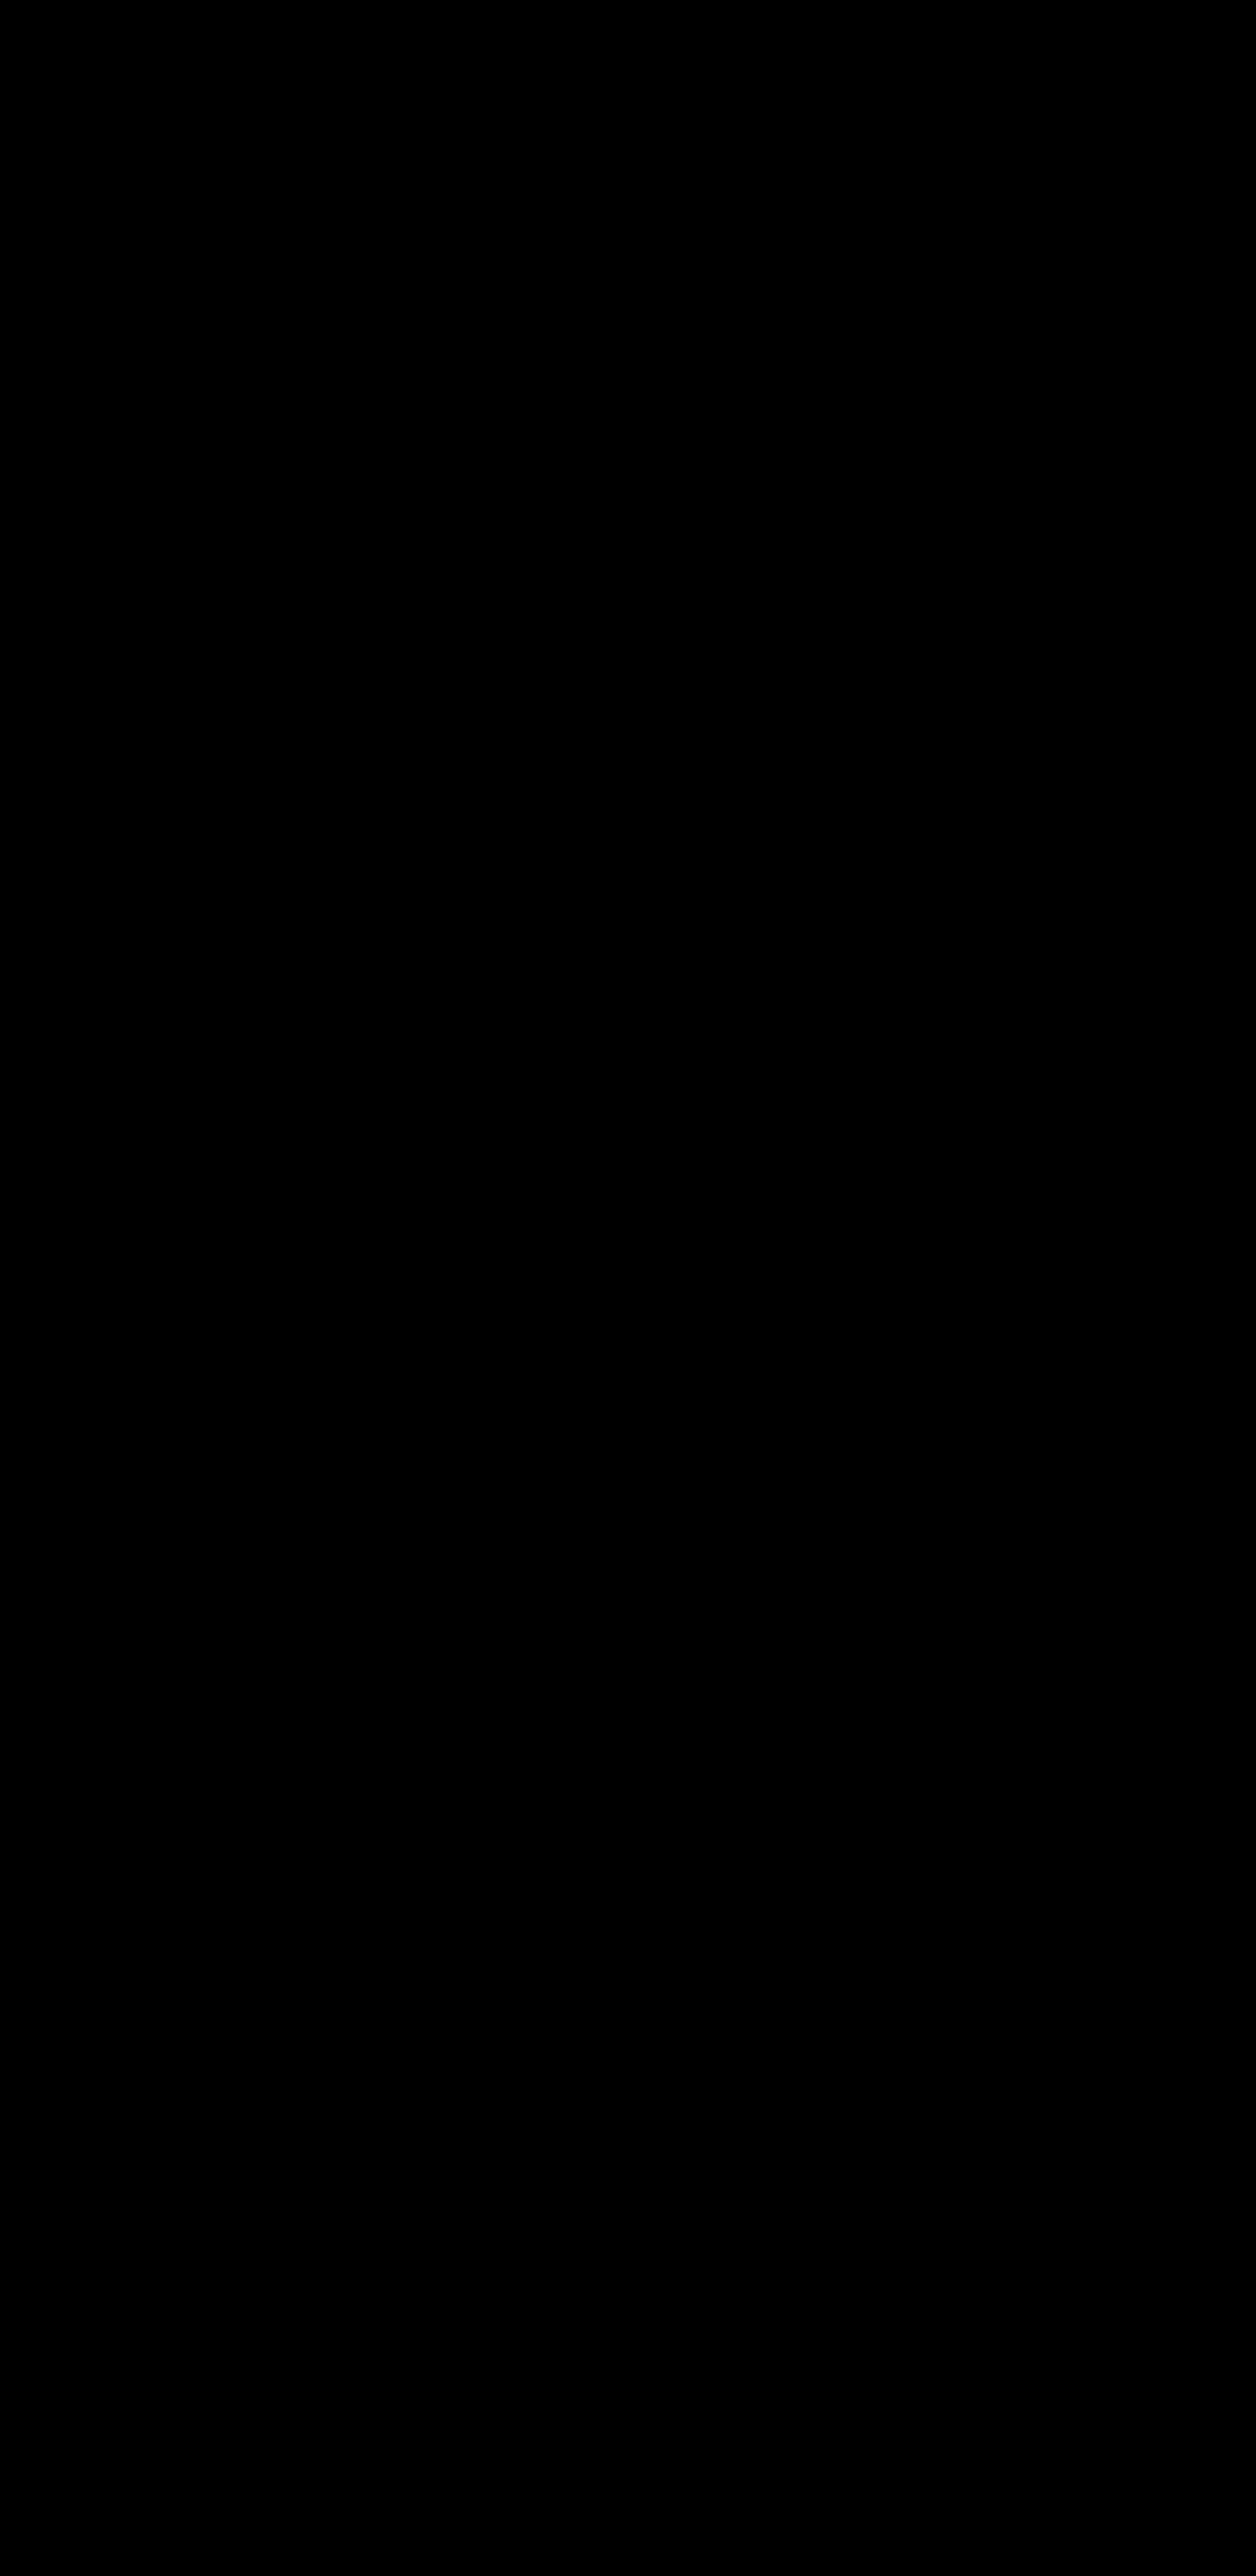 Goat stew with Malian eggplants recipe